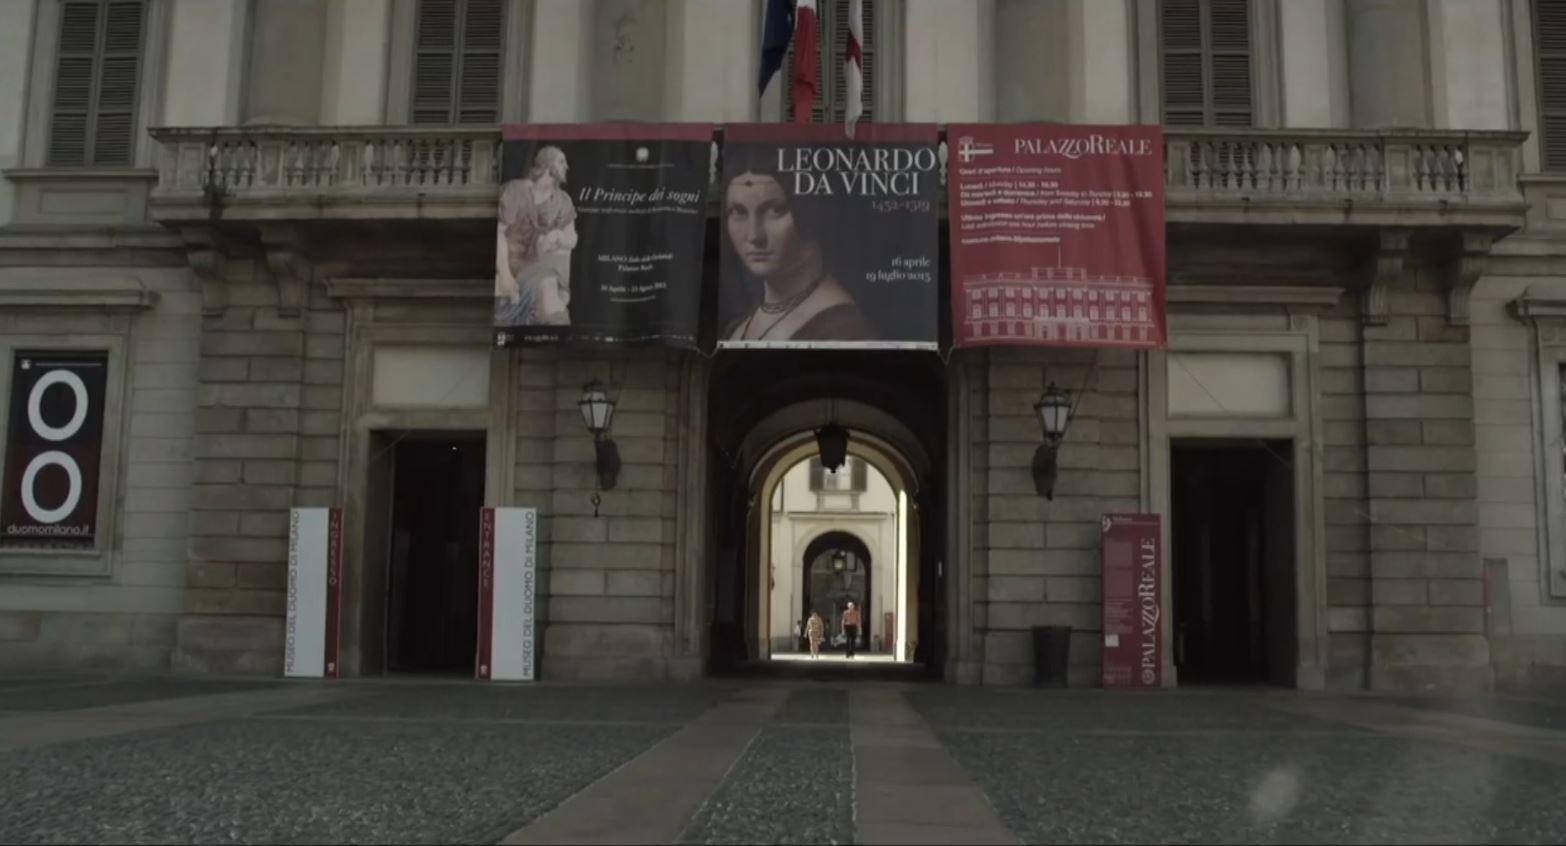 Ekspozitë në Milano për 500 vjetorin e ndarjes nga jeta të Leonardo Da Vinci